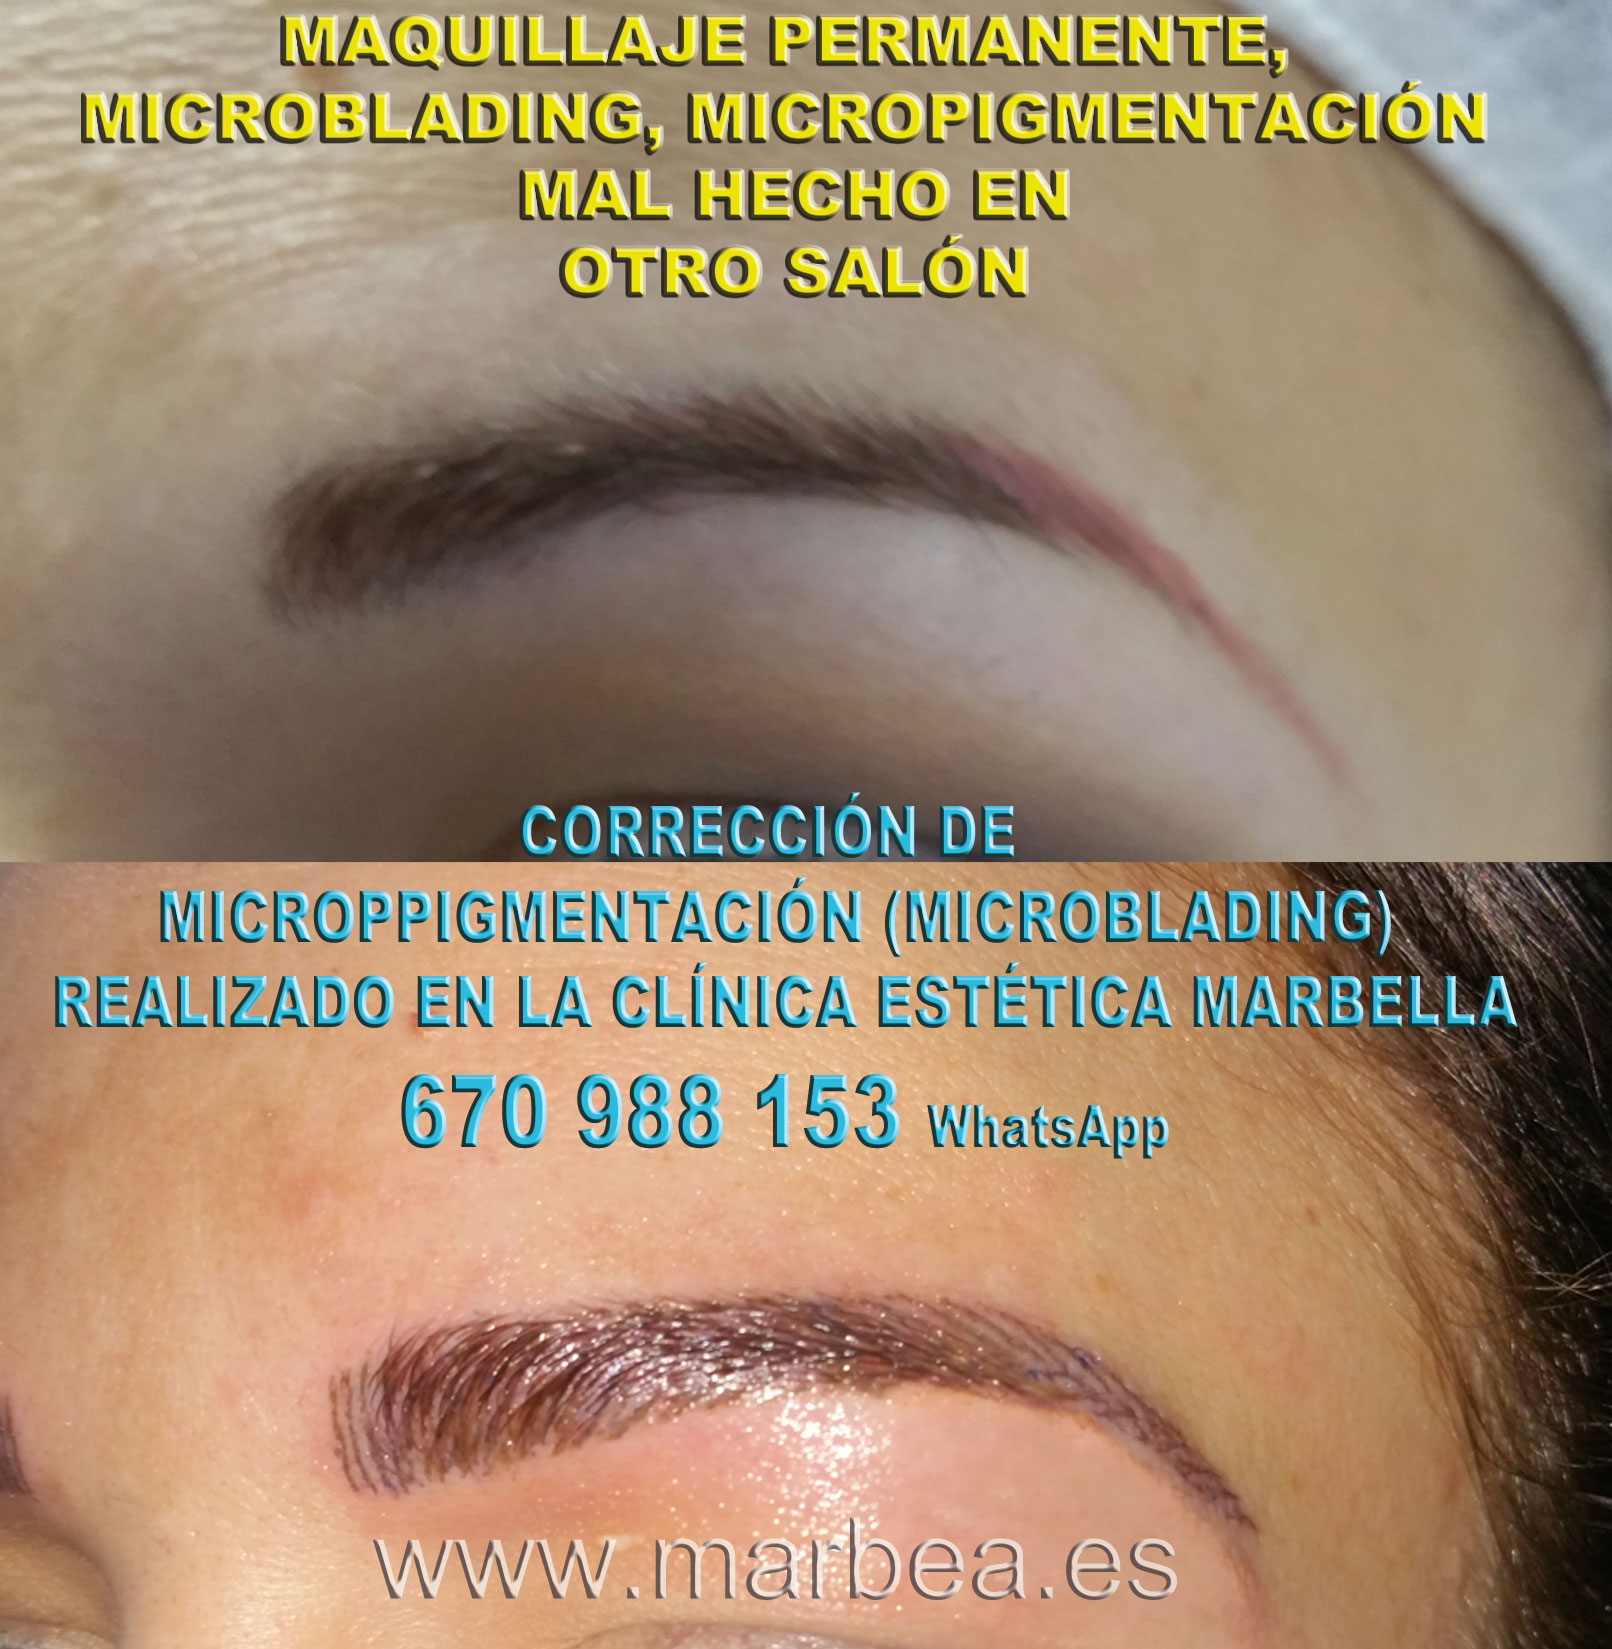 MAQUILLAJE PERMANENTE CEJAS MAL HECHO clínica estética delineados propone micropigmentacion correctiva de cejas,corregir micropigmentación mal hecha